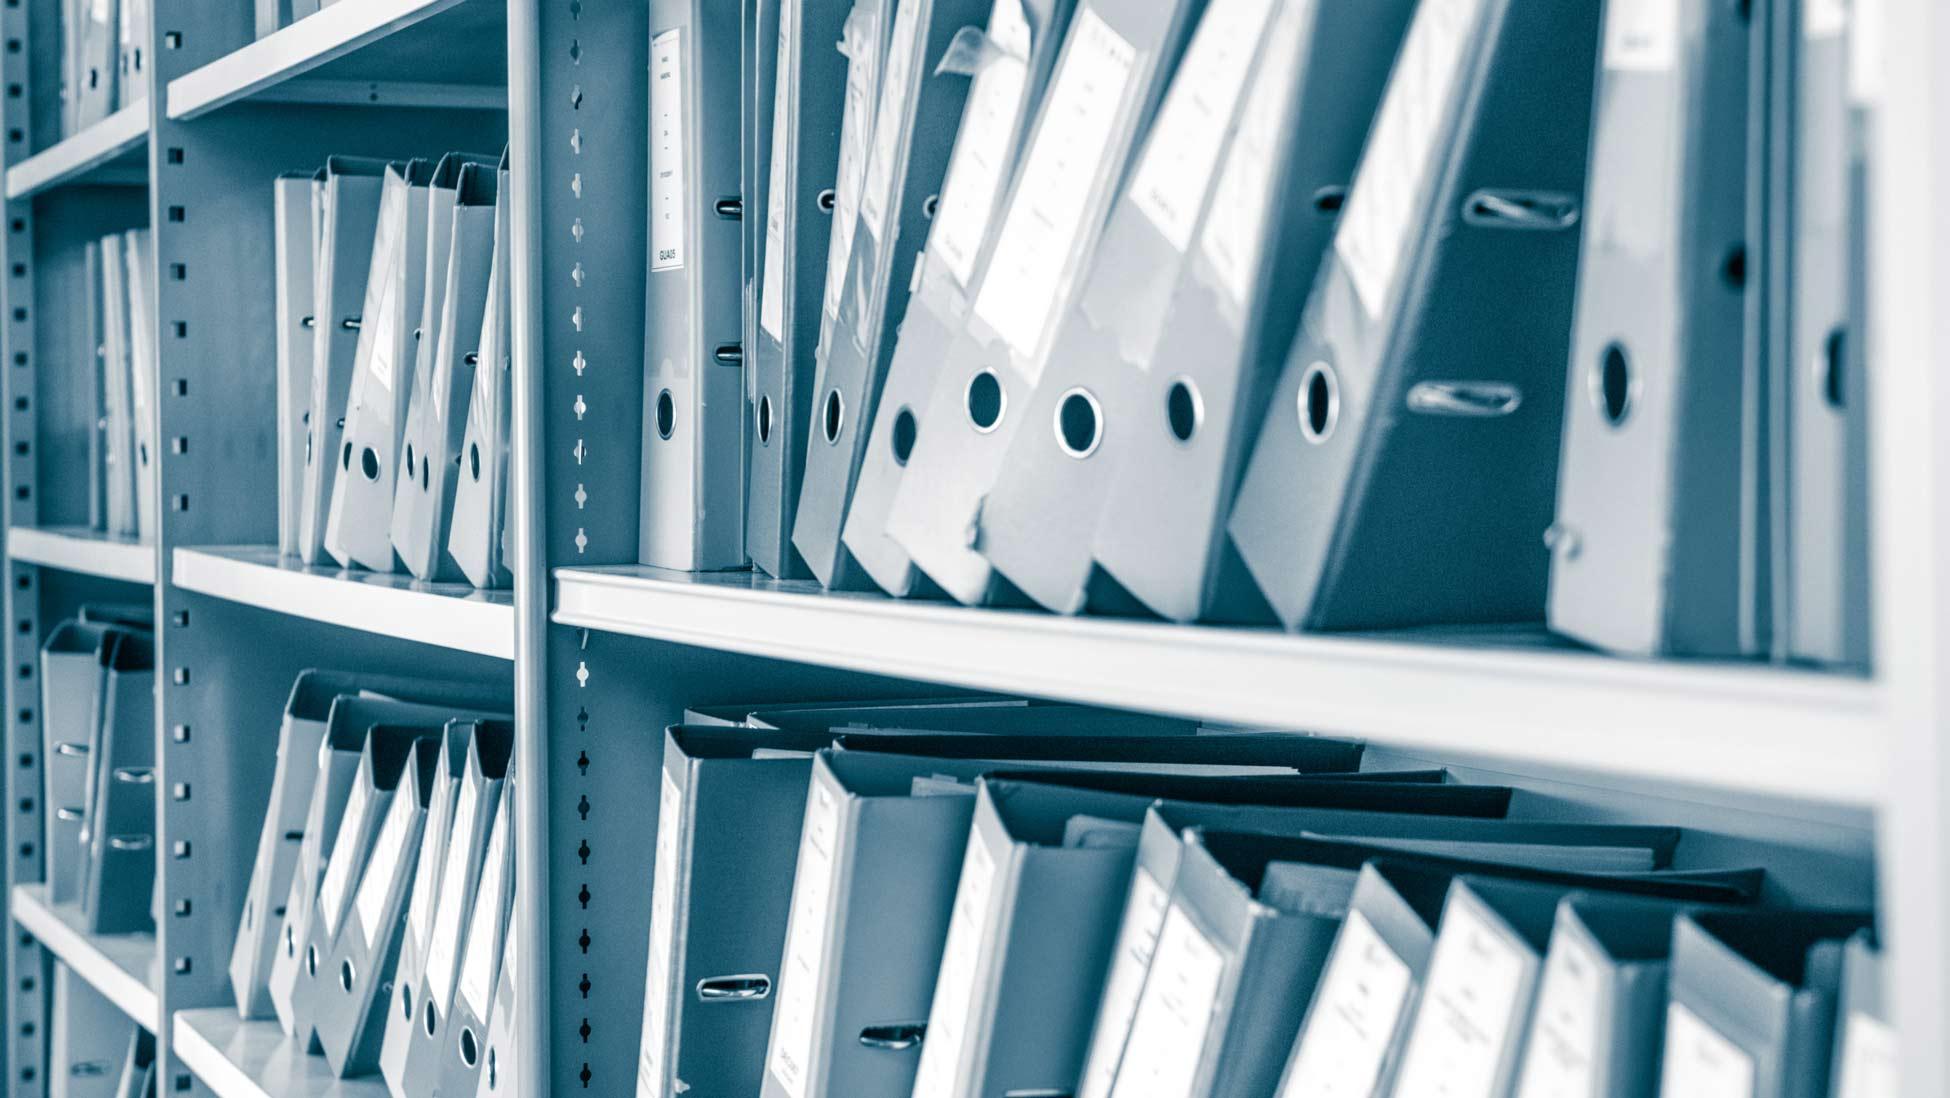 pole-audit-gb-audit-comptable